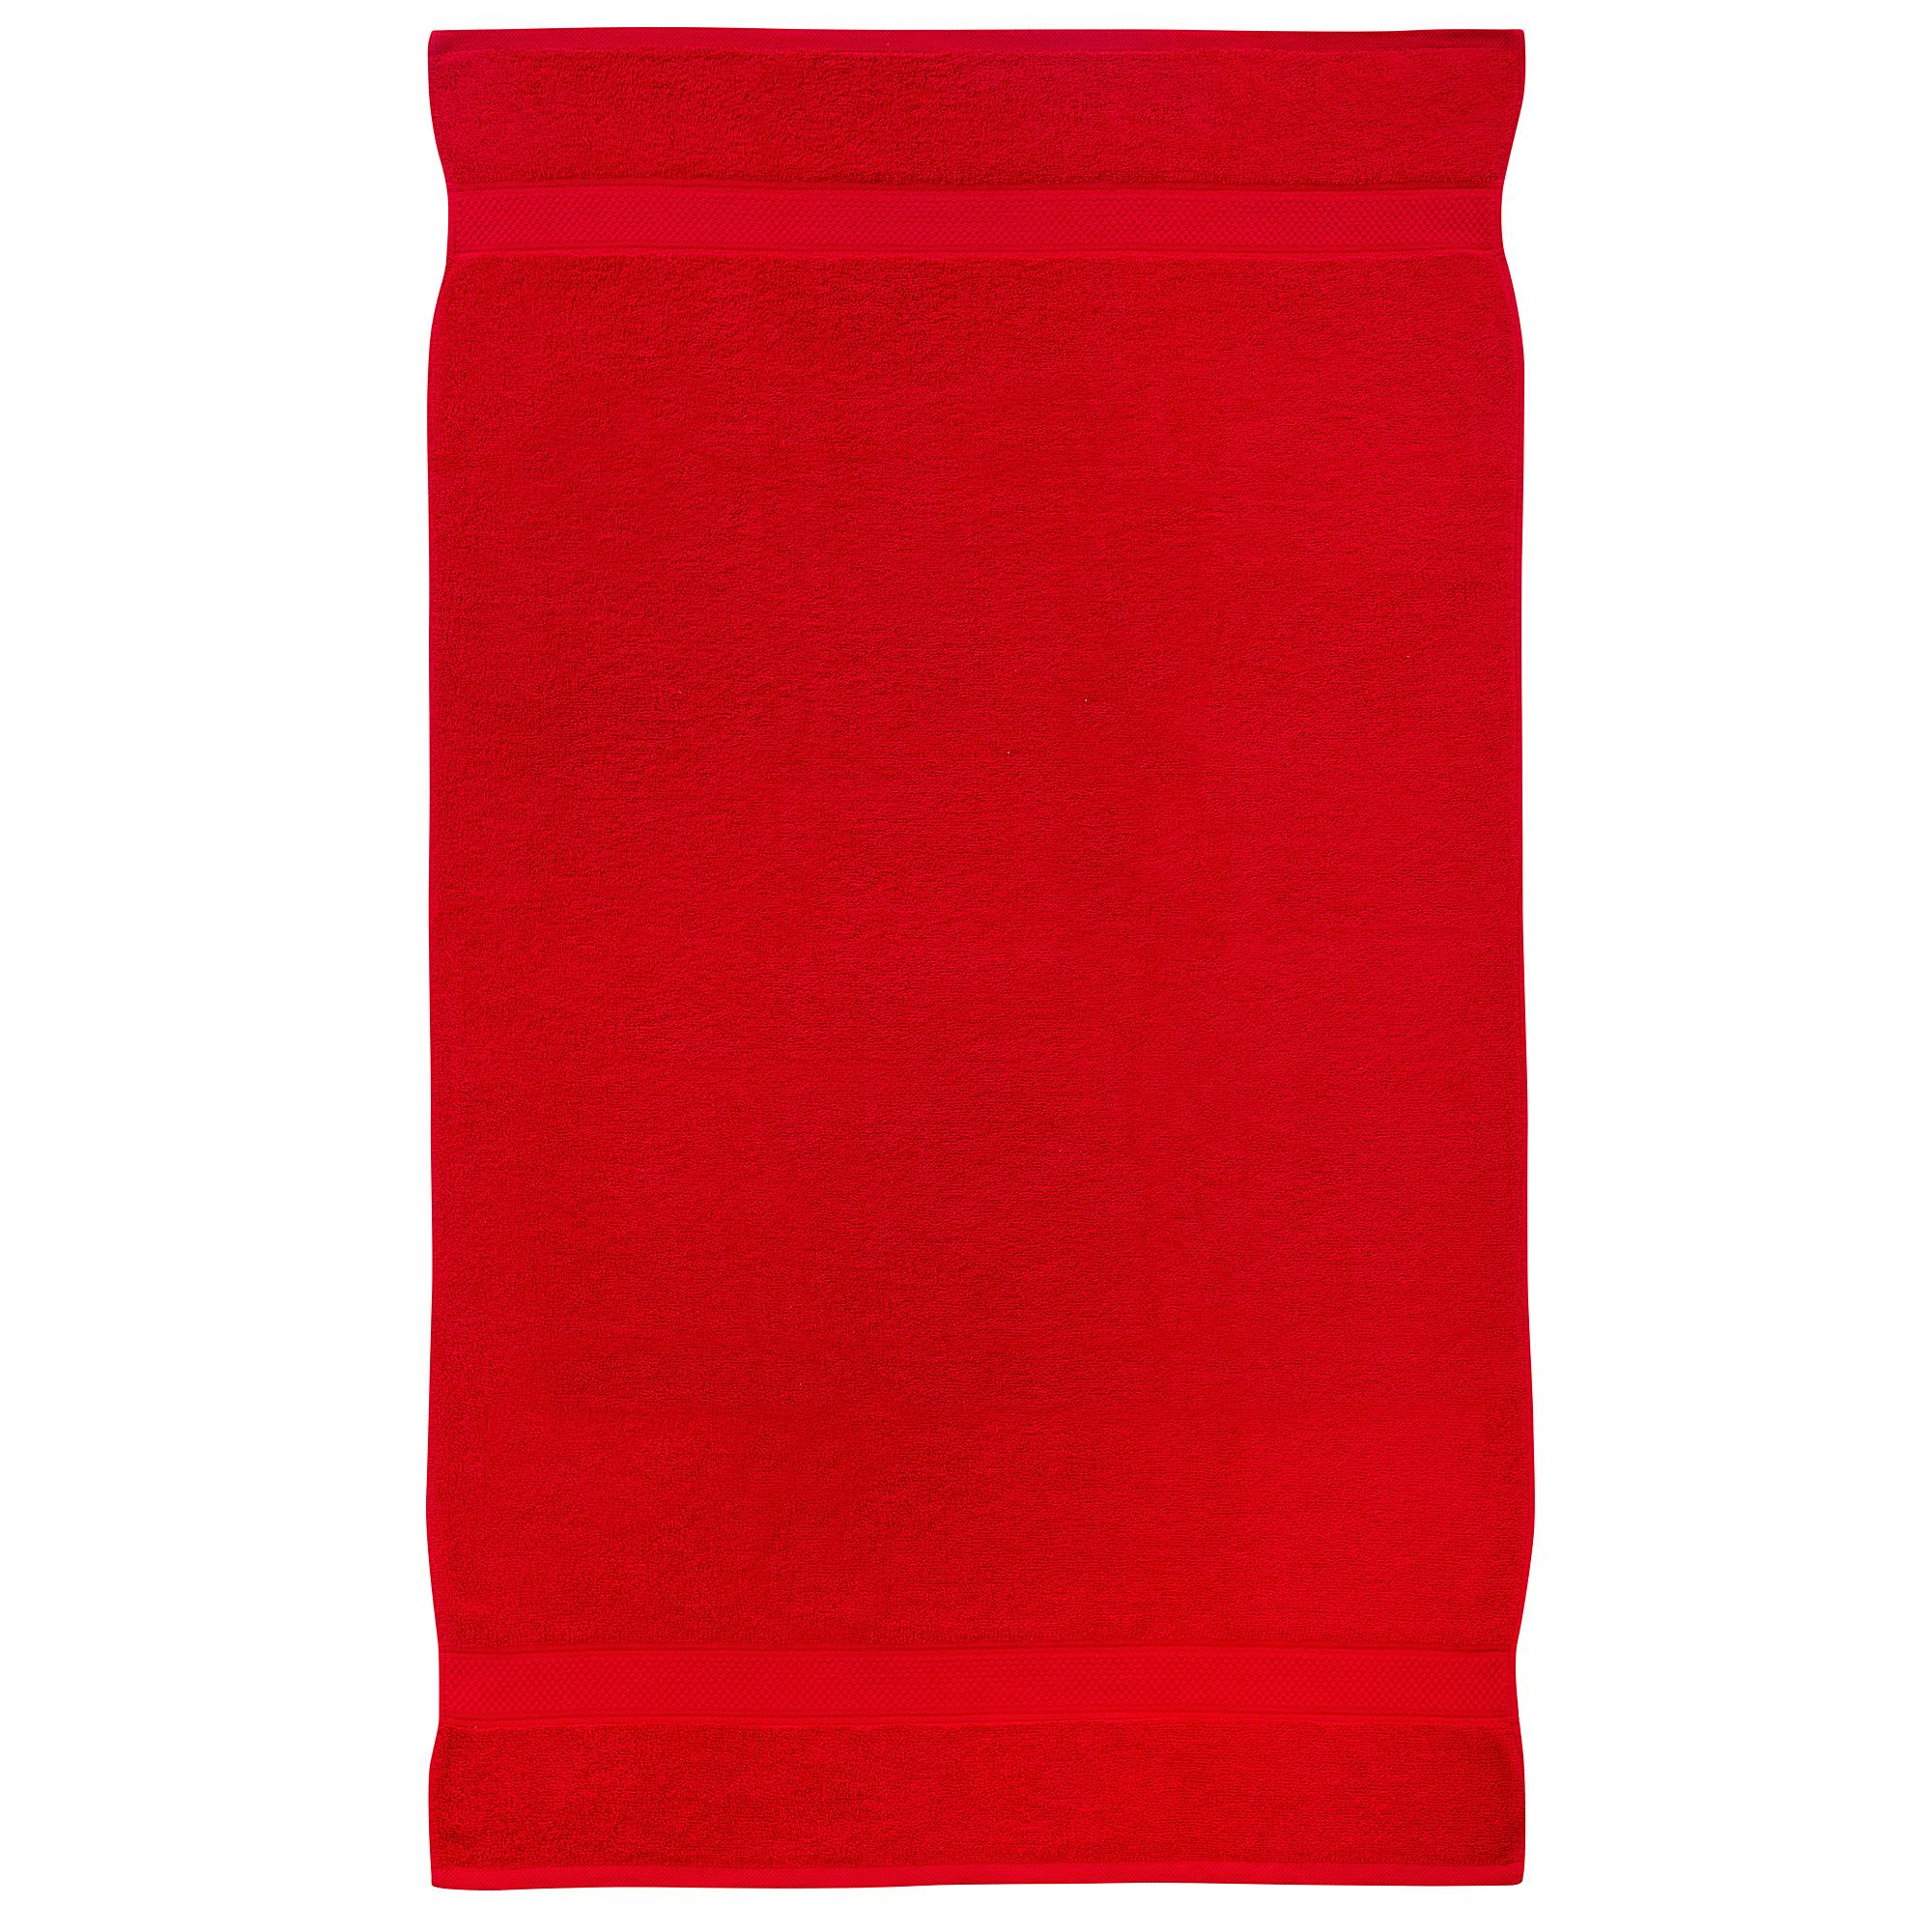 2 Pcs 100 % Cotton Premium Bath Sheet Towel Bale Set Red Plain